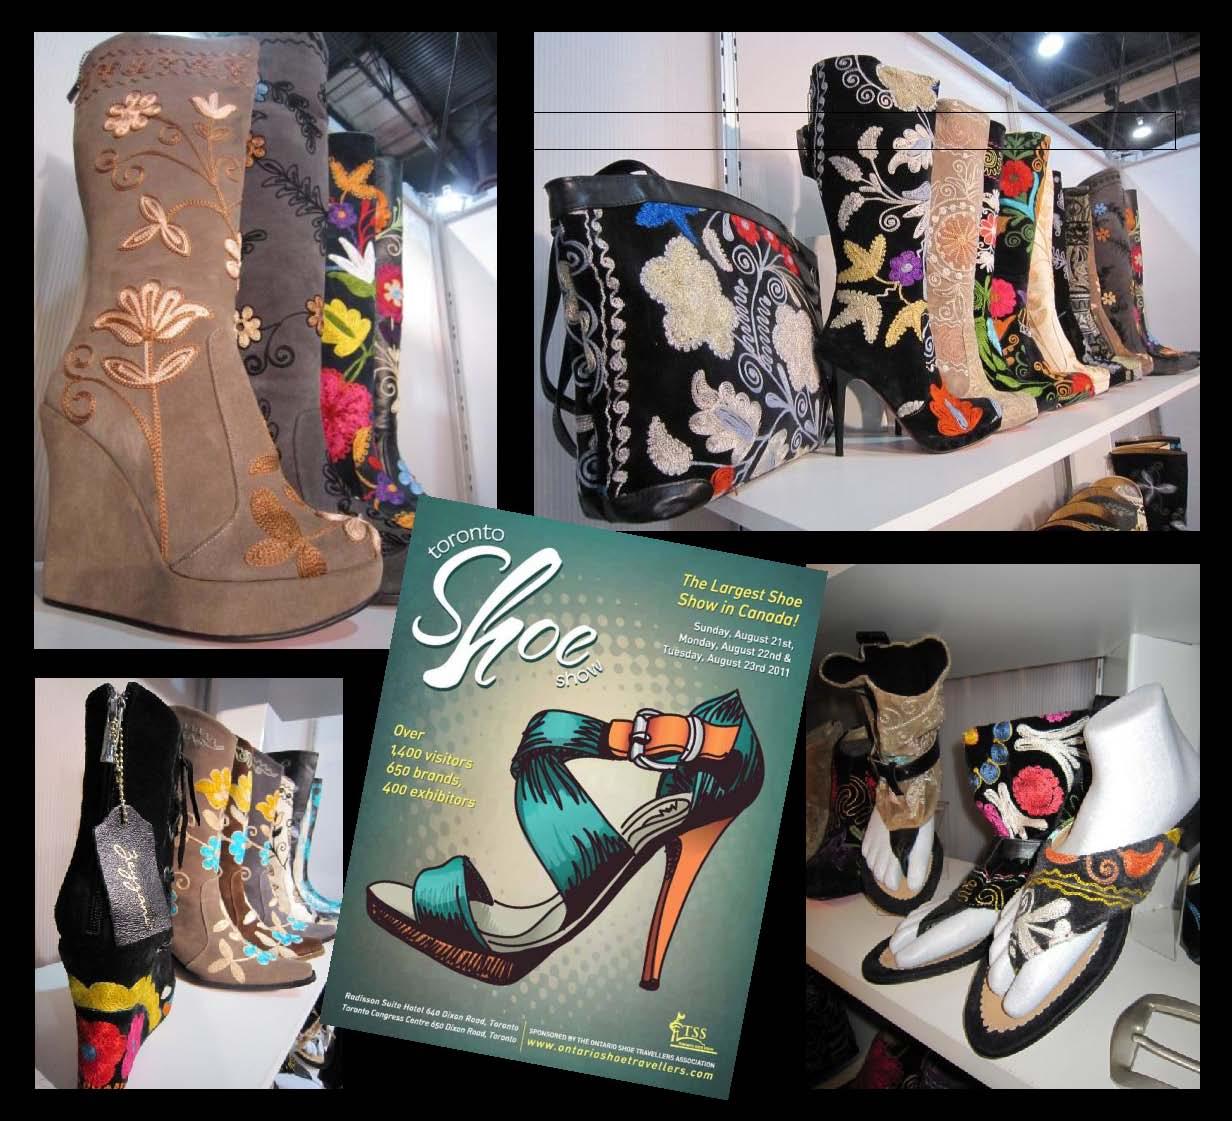 Toronto Shoe Magazine 2011